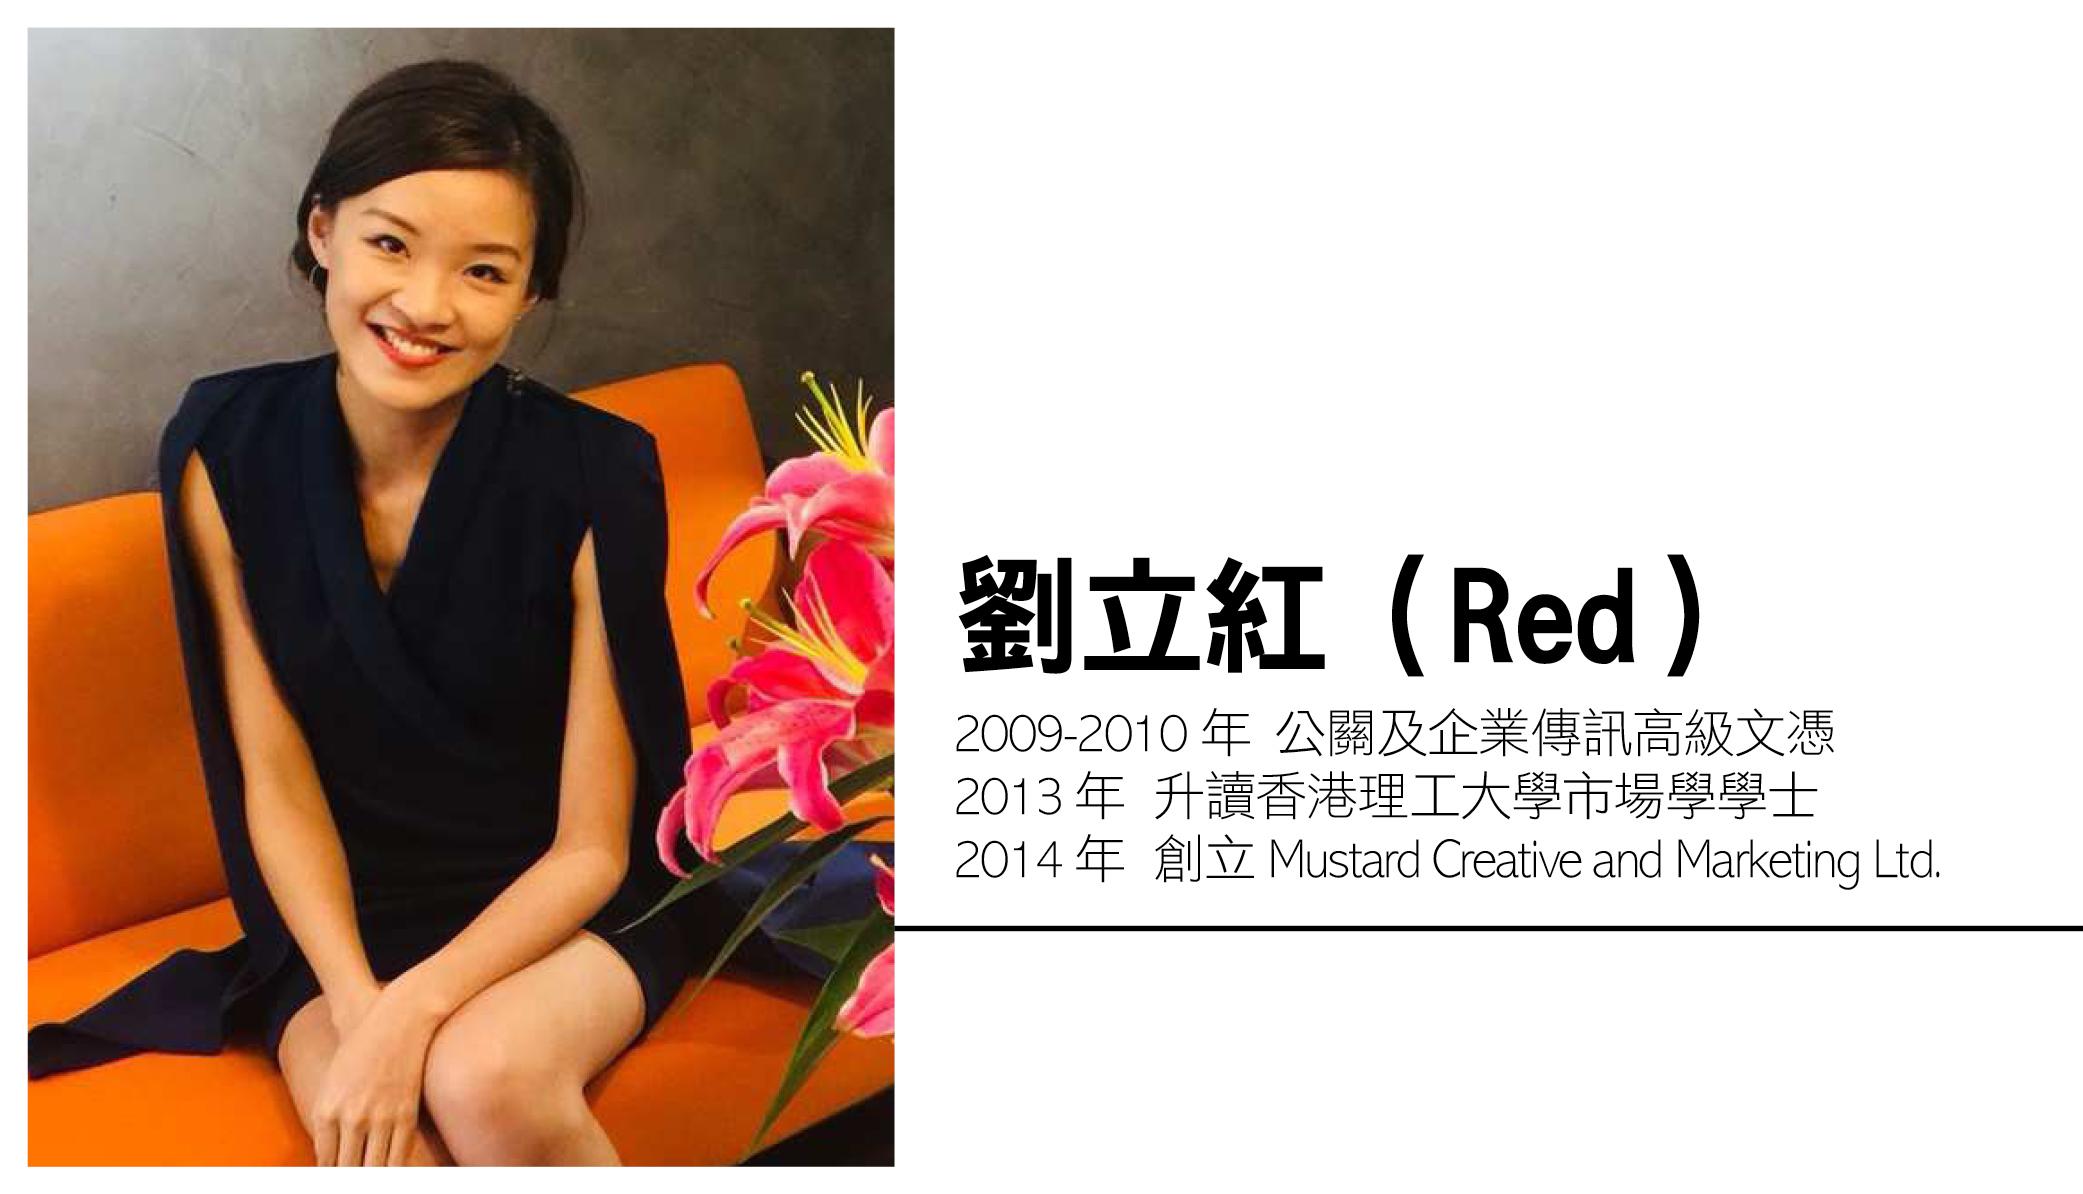 教育傳媒:劉立紅(Red)